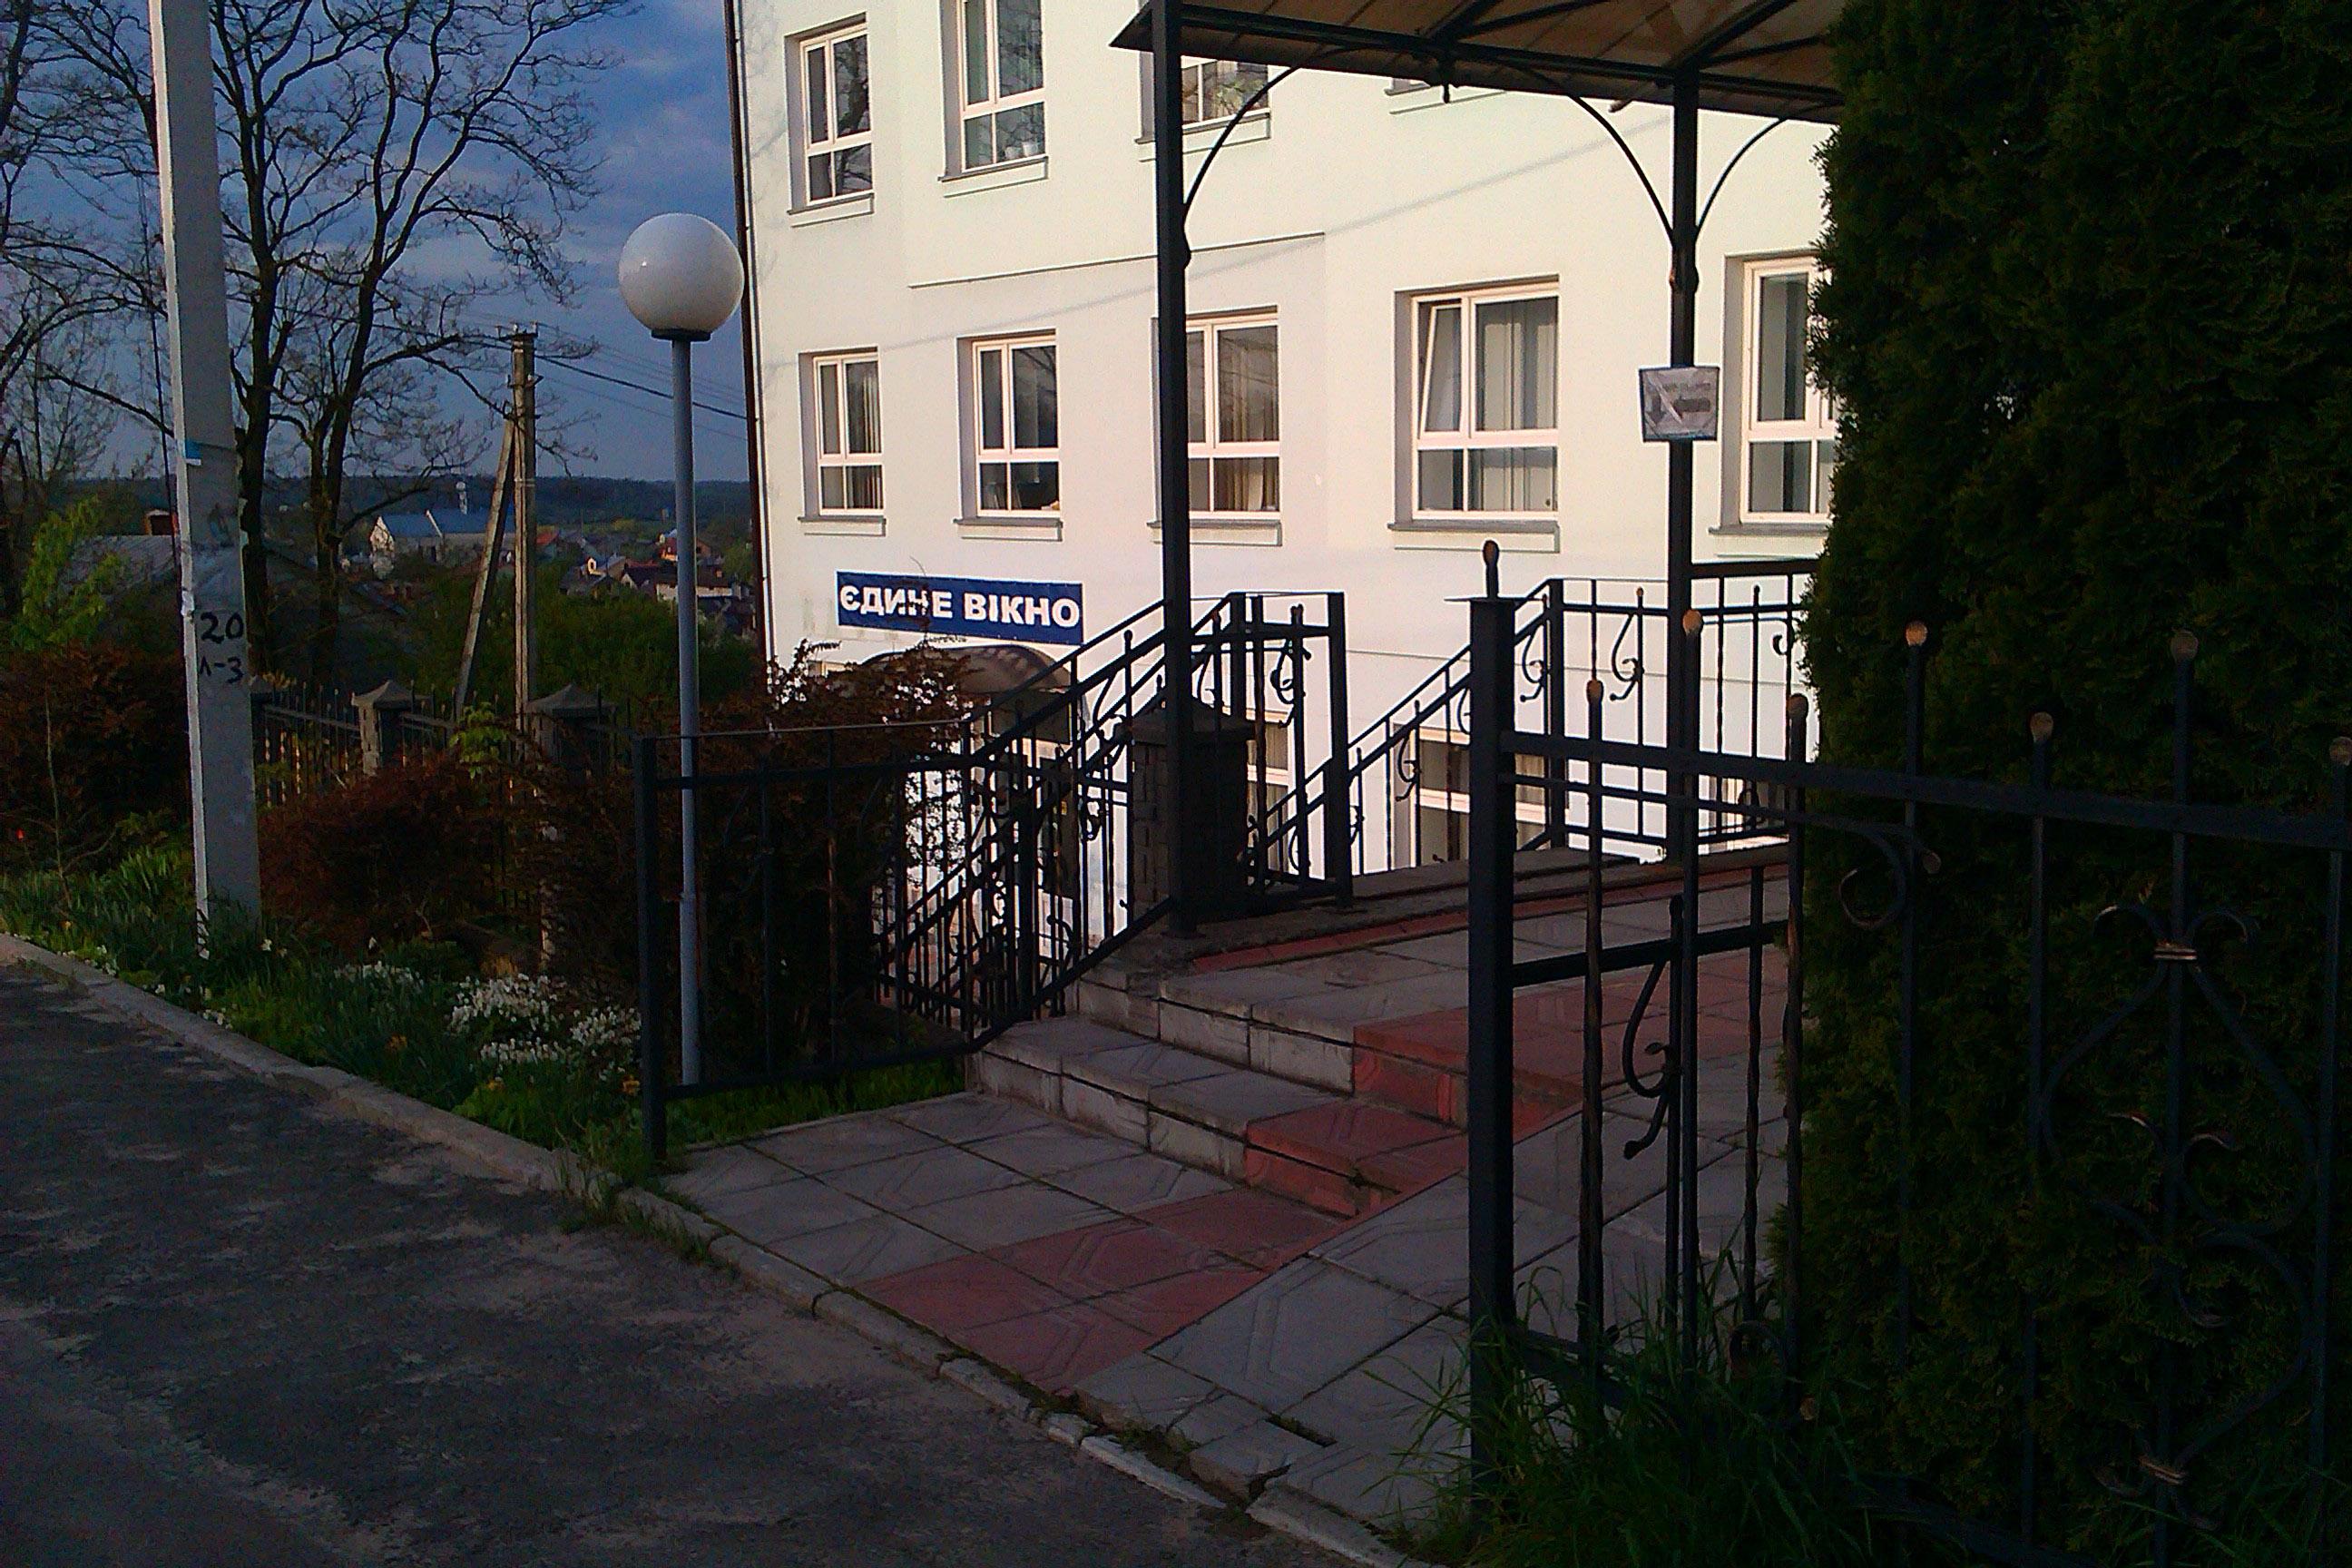 Будинок, який має знак на розі вулиці